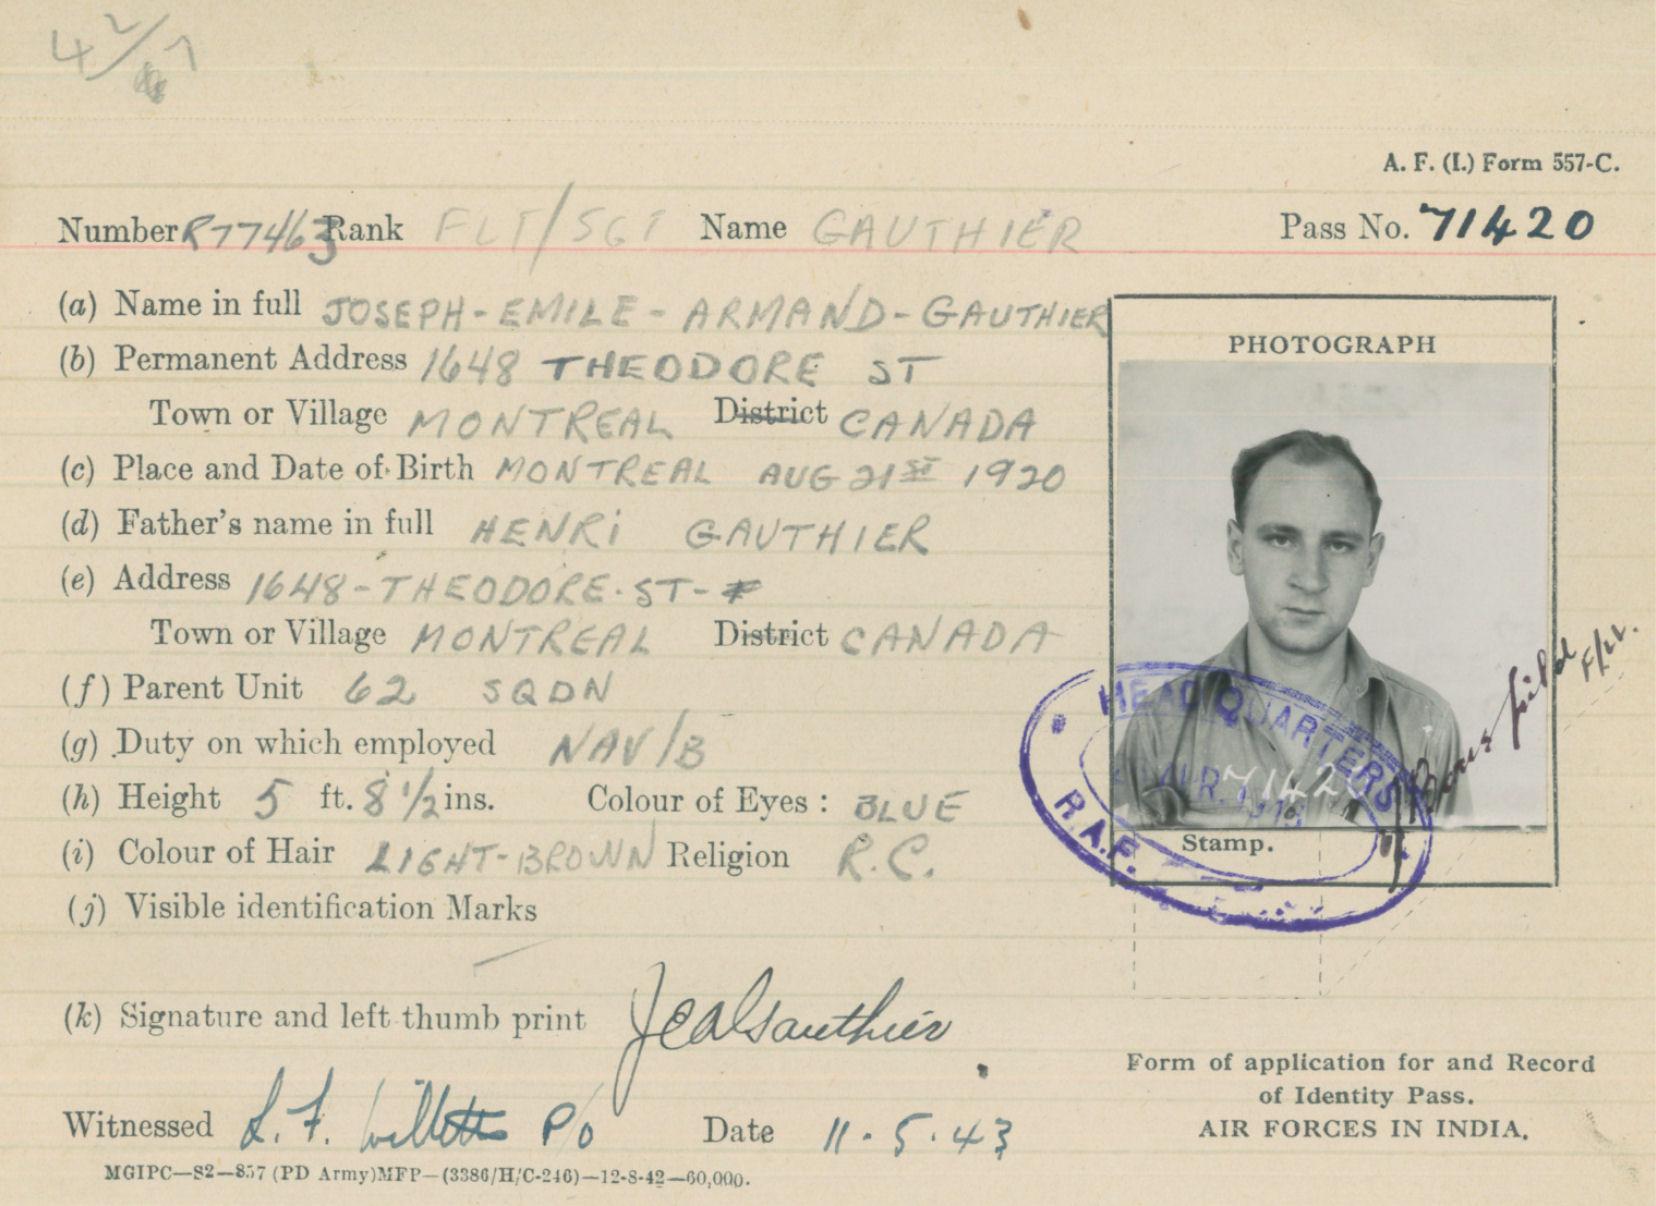 Identity Pass